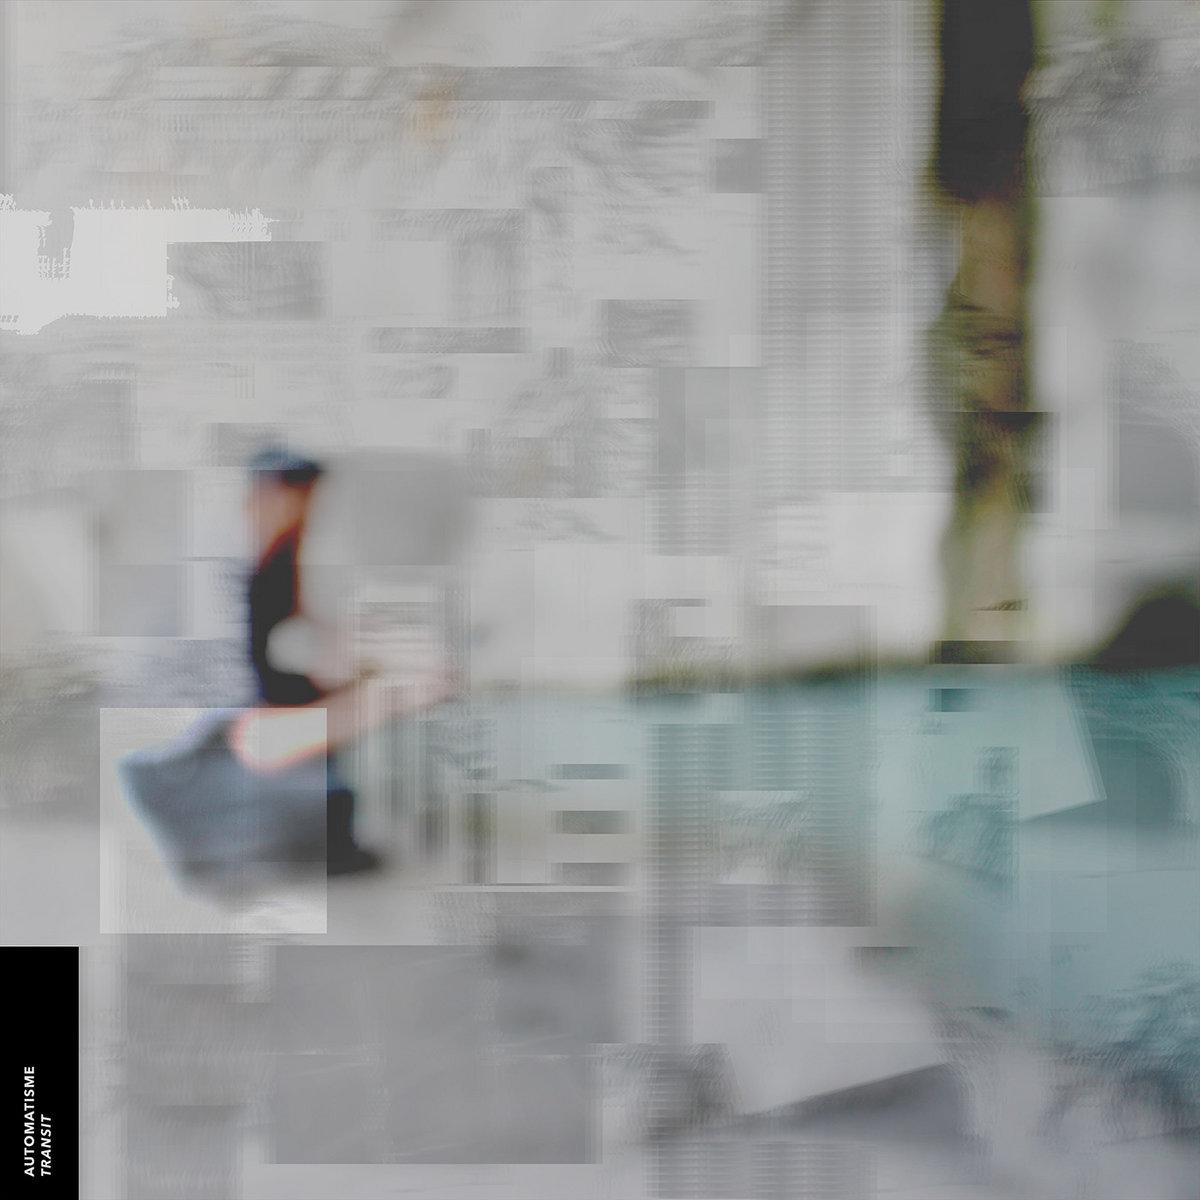 """Vaizdo rezultatas pagal užklausą """"automatisme transit"""""""